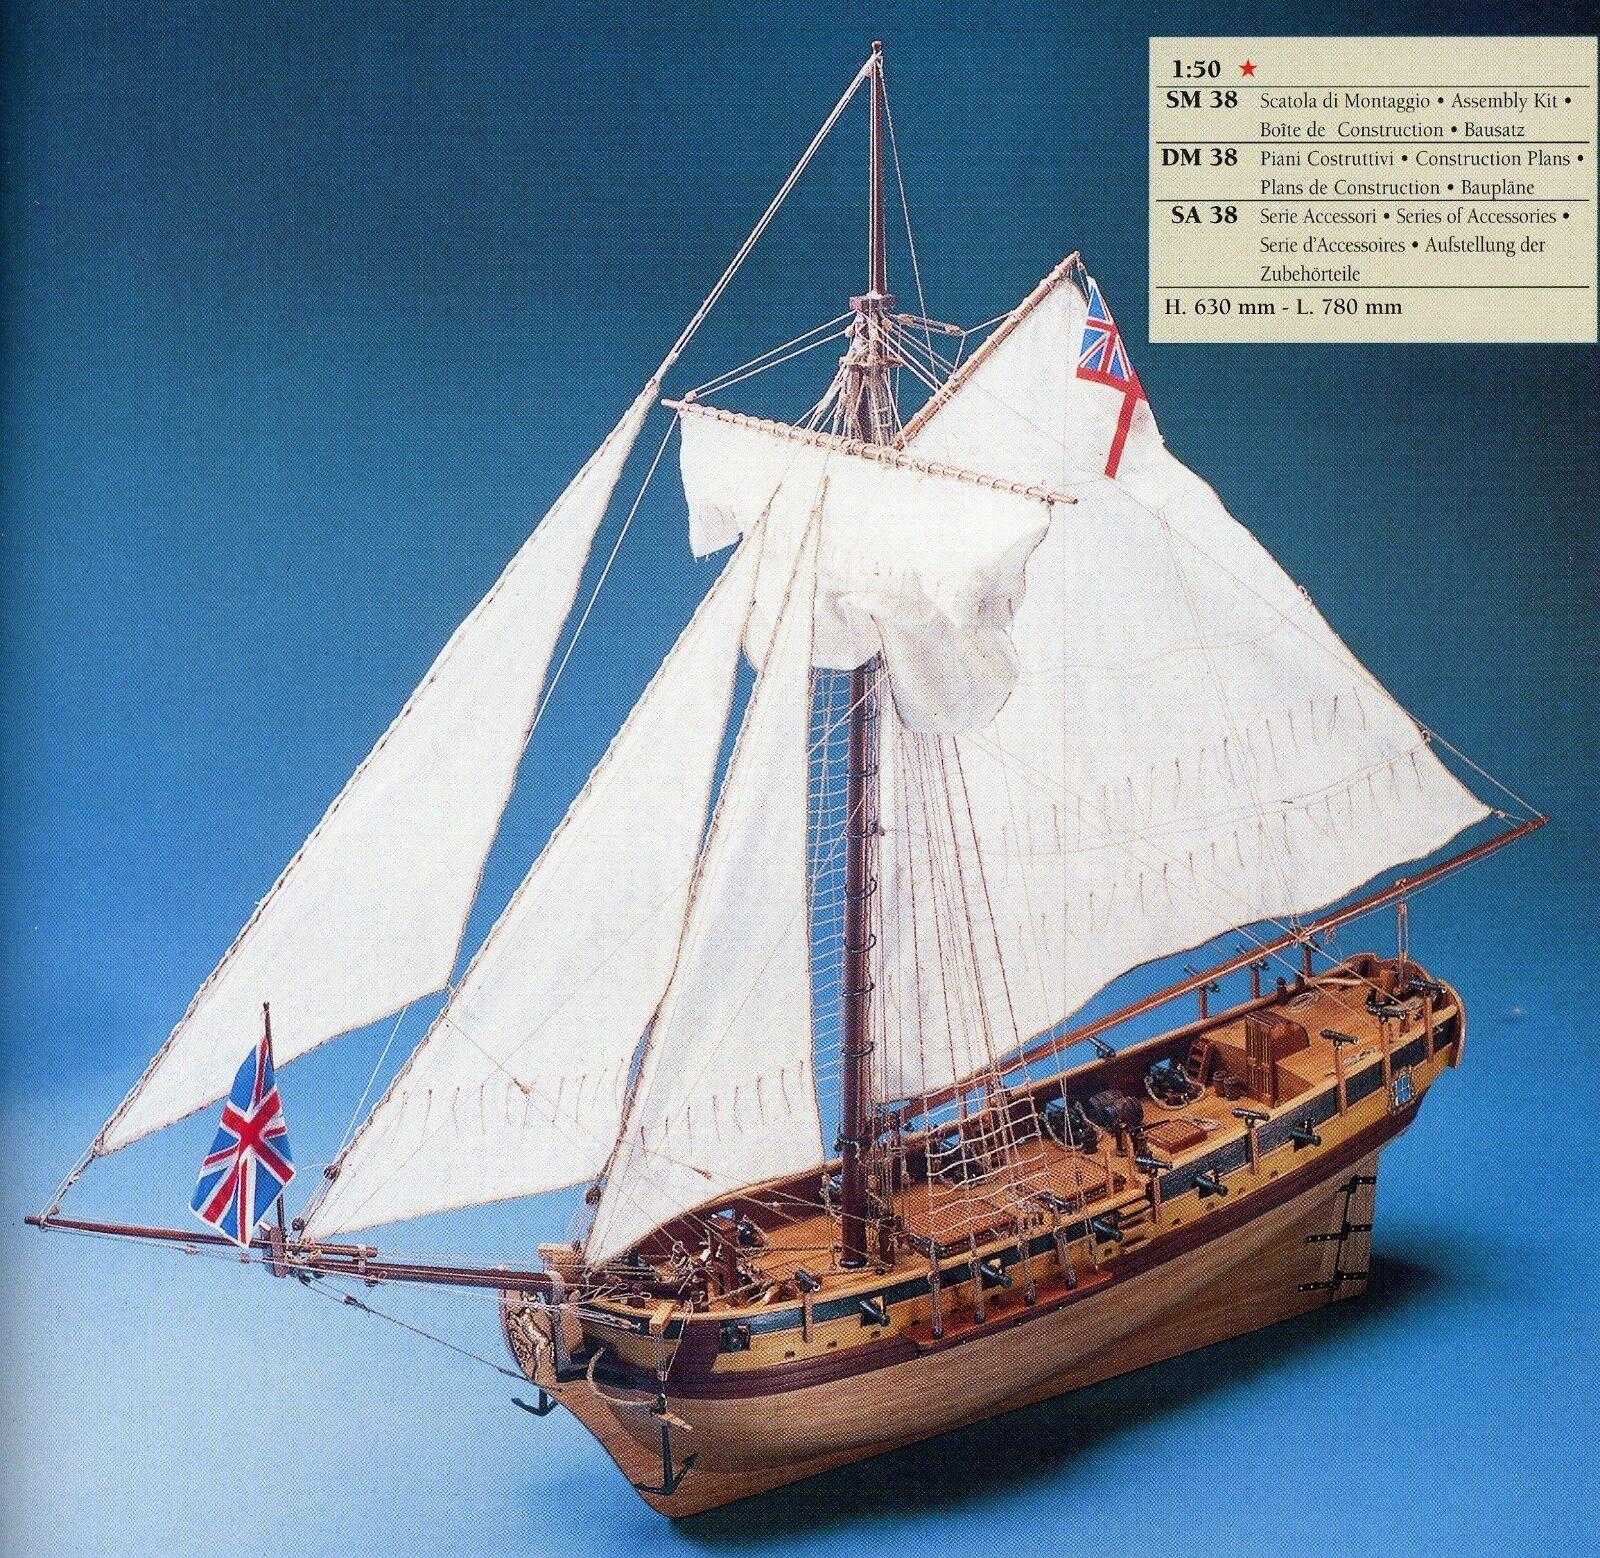 COREL SM38 BARCA Modello H.M.S. RESOLUTION imbarcazione Nave CUTTER inglese 1 50